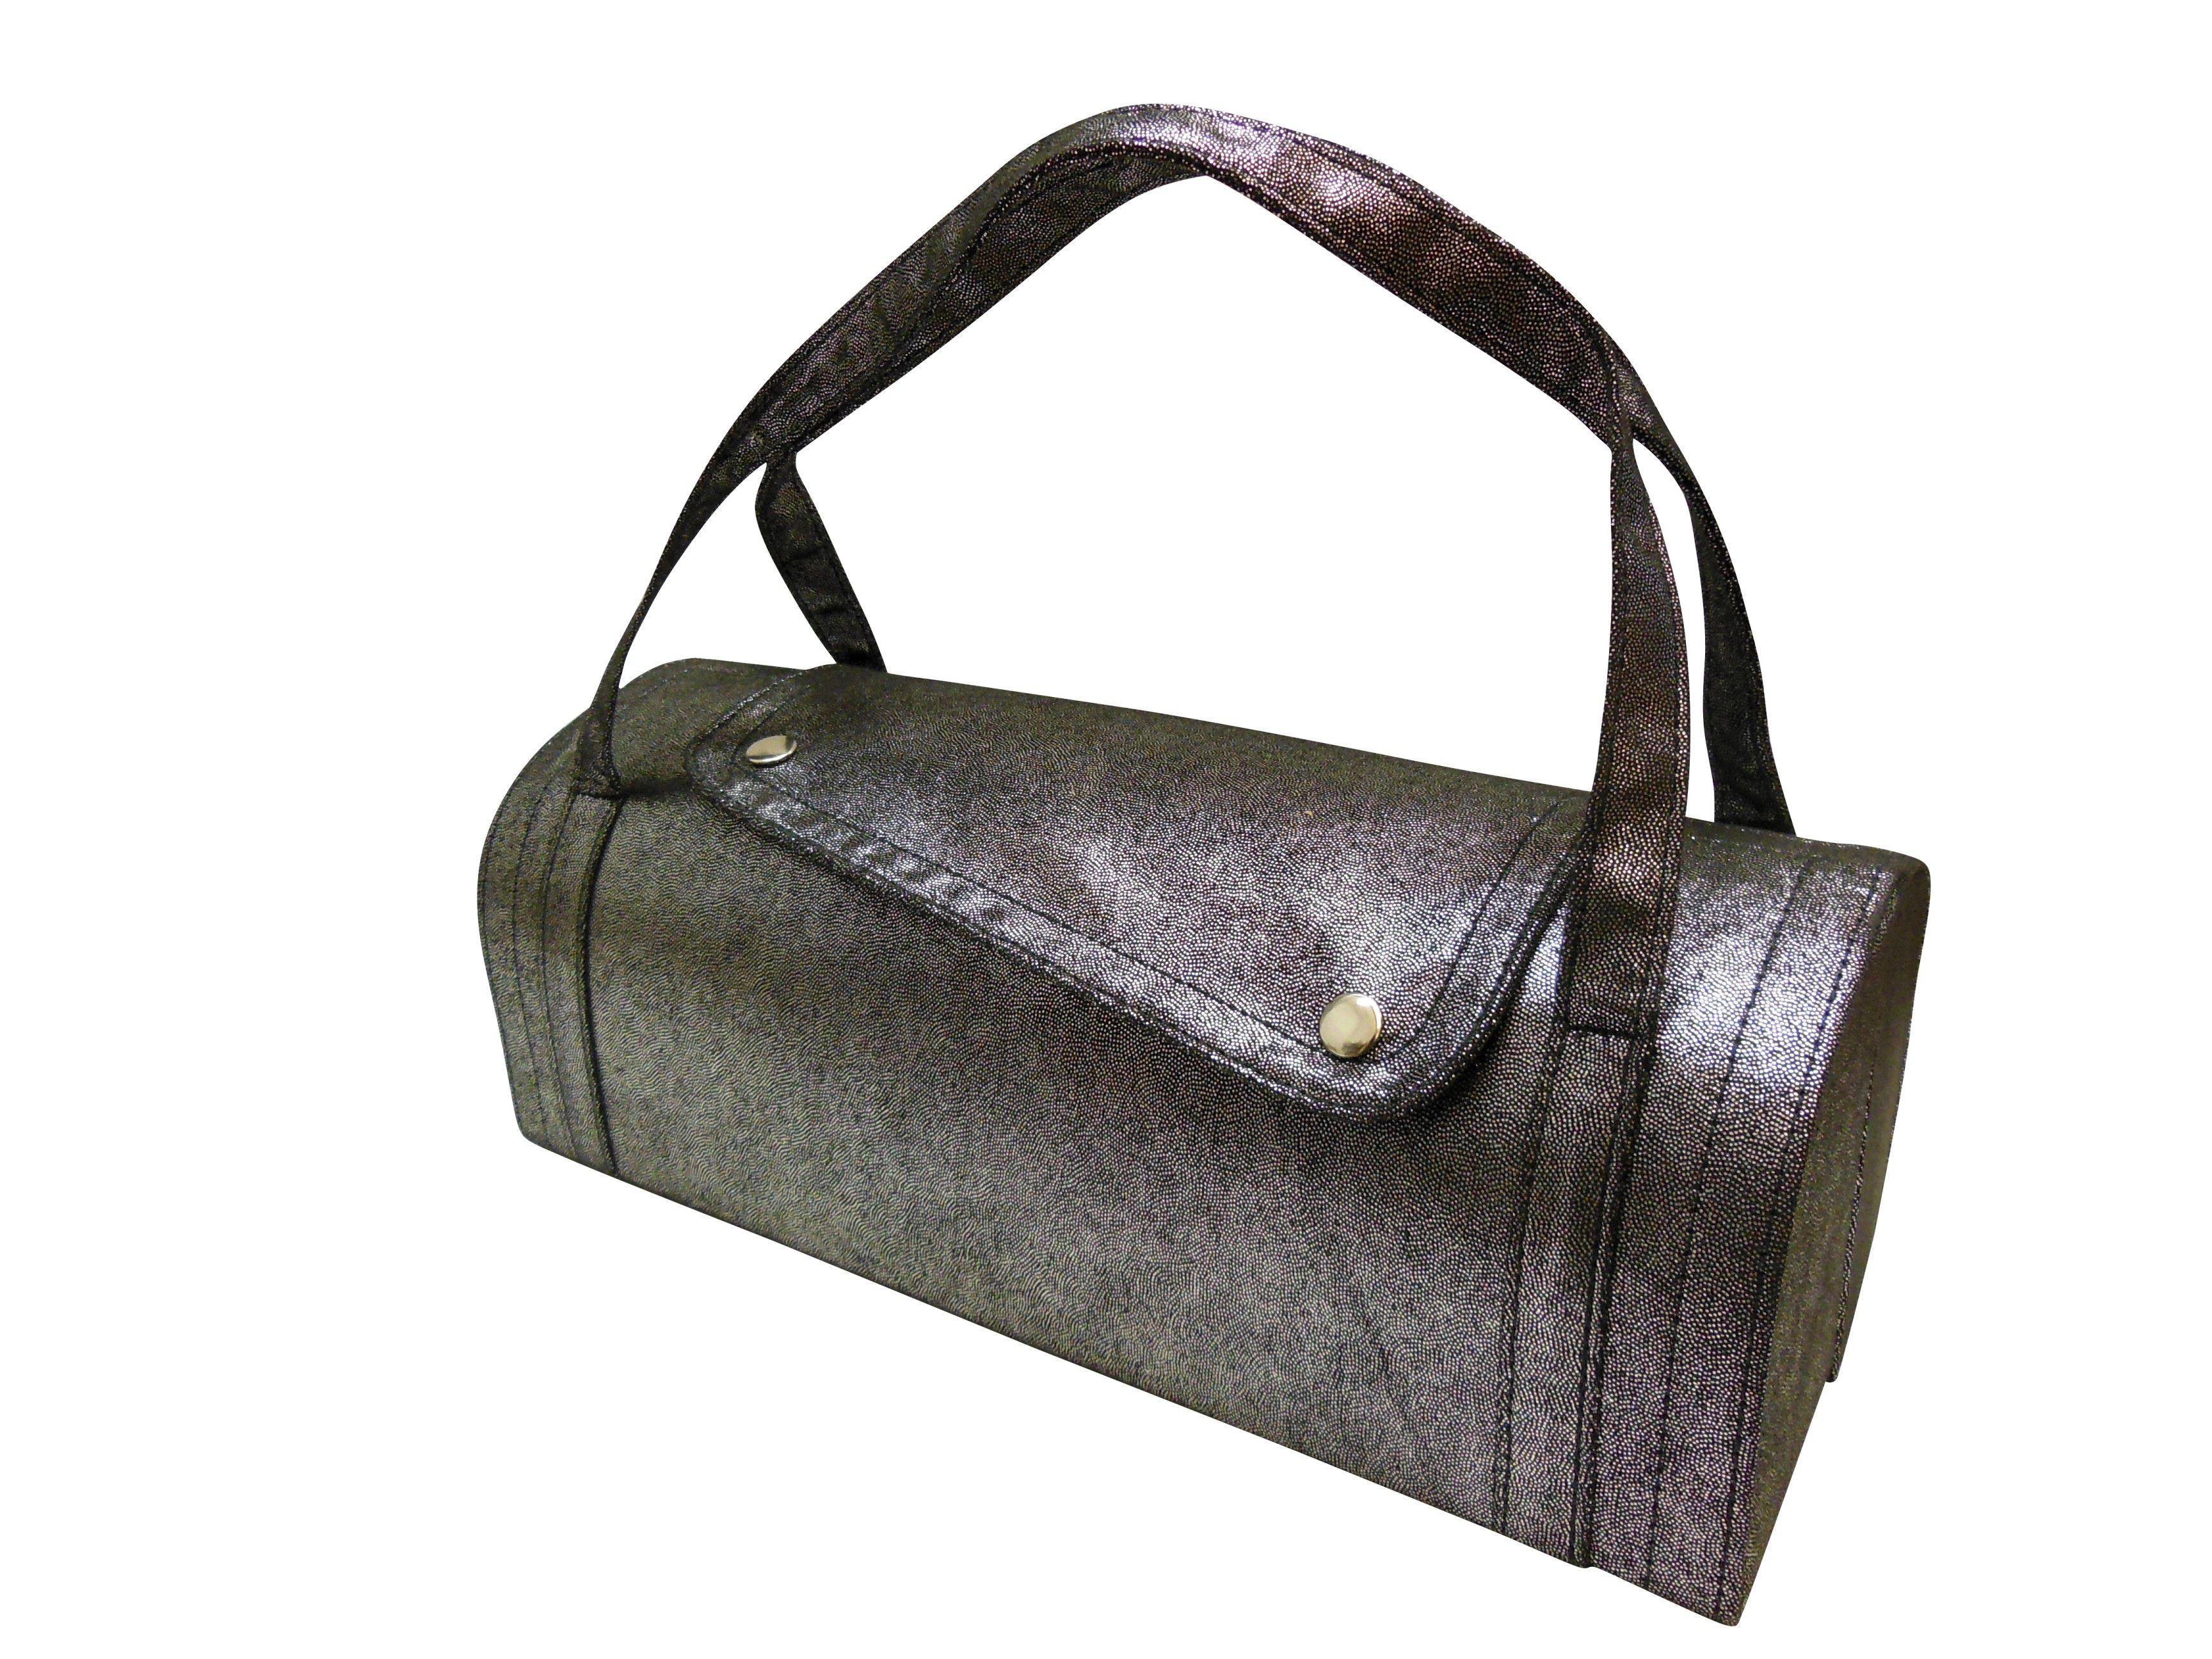 130 – baulettopackn (2)